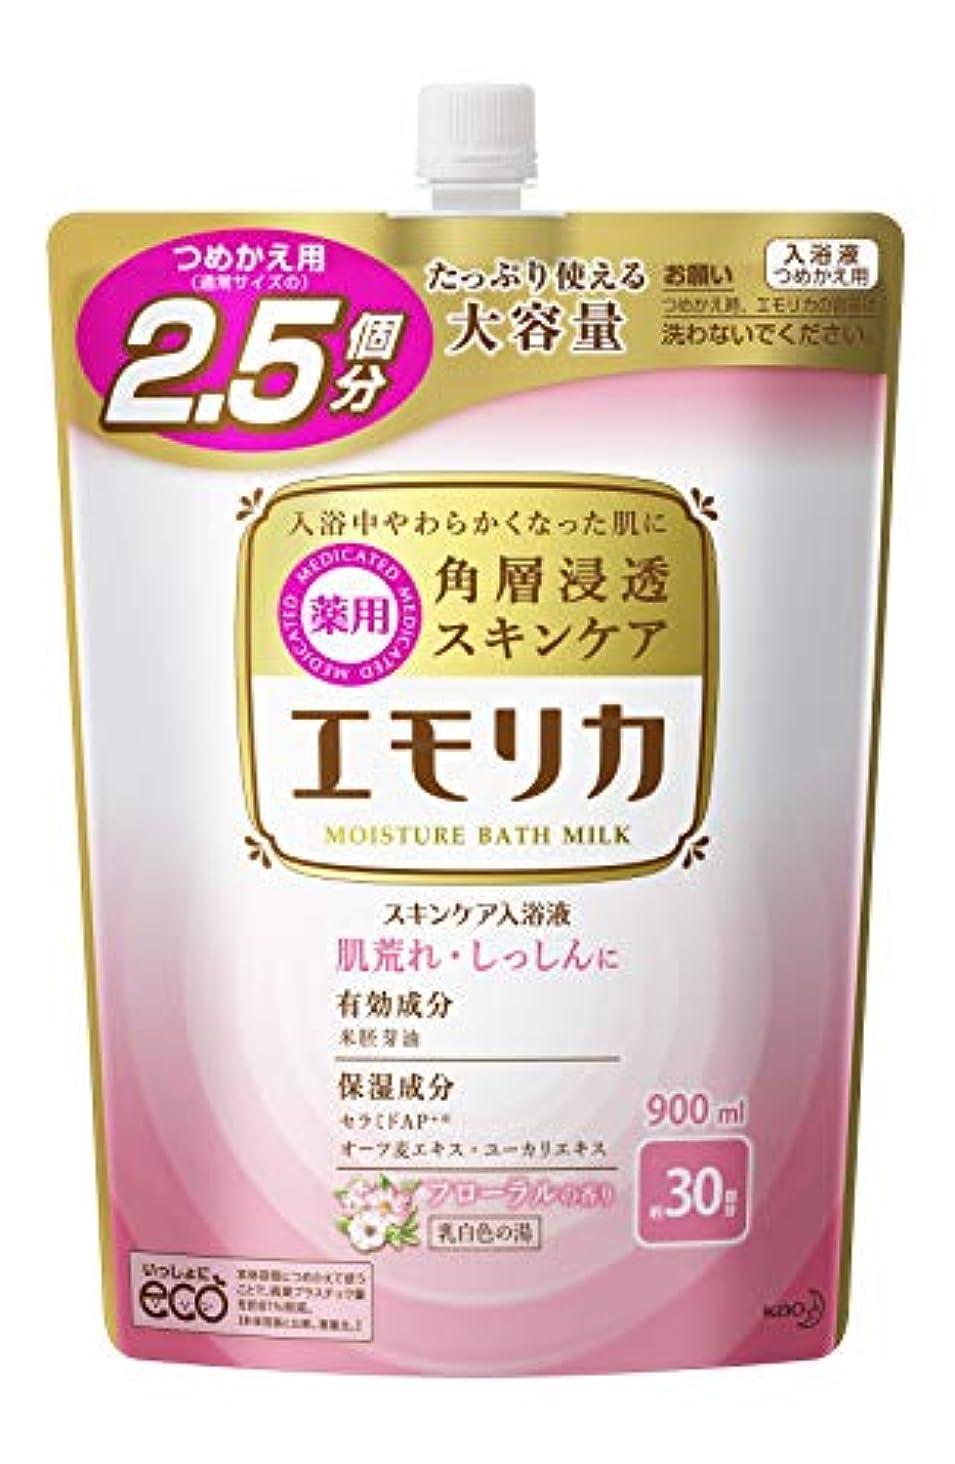 サービス段階治世【大容量】エモリカ 薬用スキンケア入浴液 フローラルの香り つめかえ用900ml 液体 入浴剤 (赤ちゃんにも使えます)